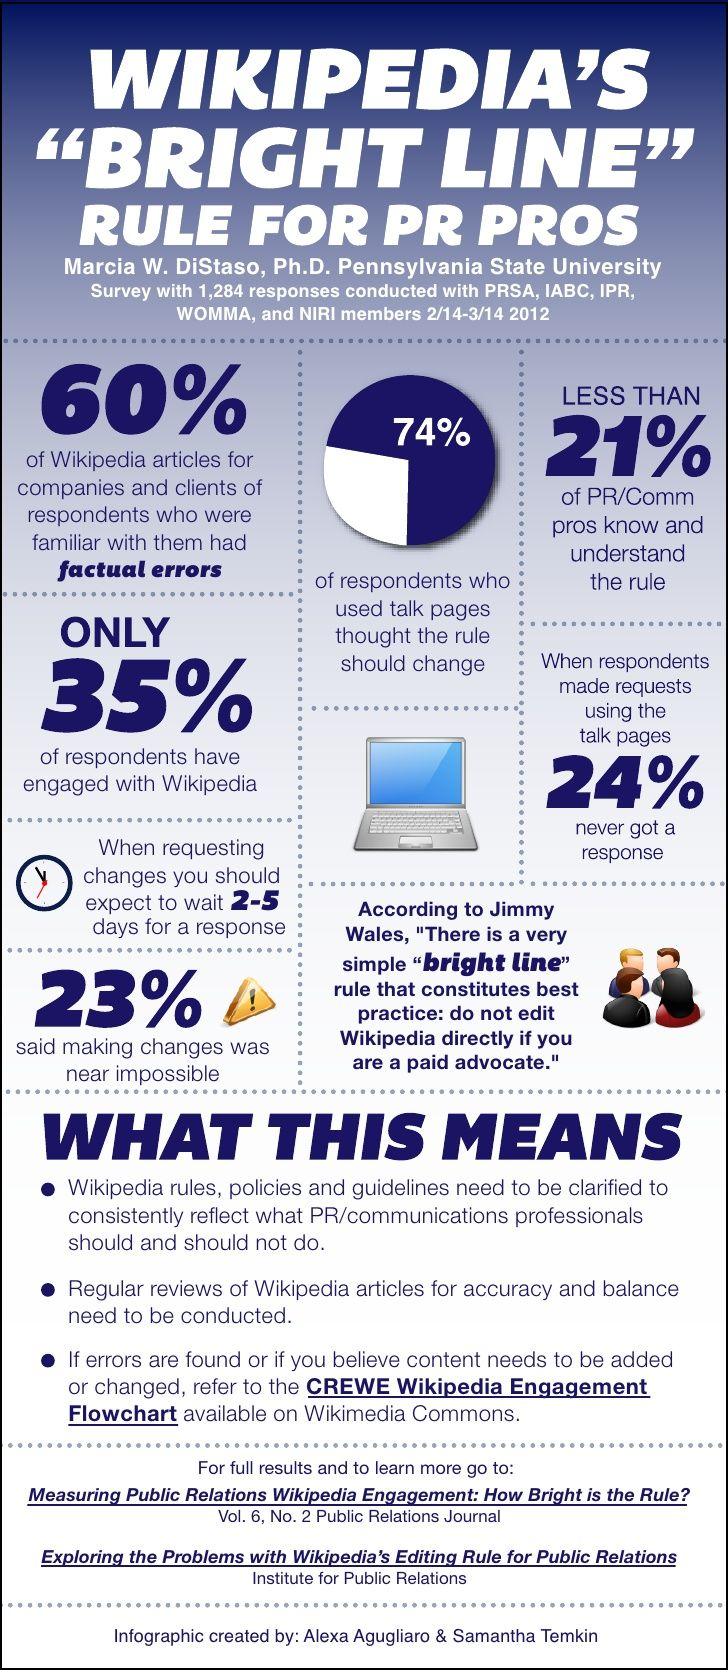 La relación entre los profesionales de la comunicación y Wikipedia.